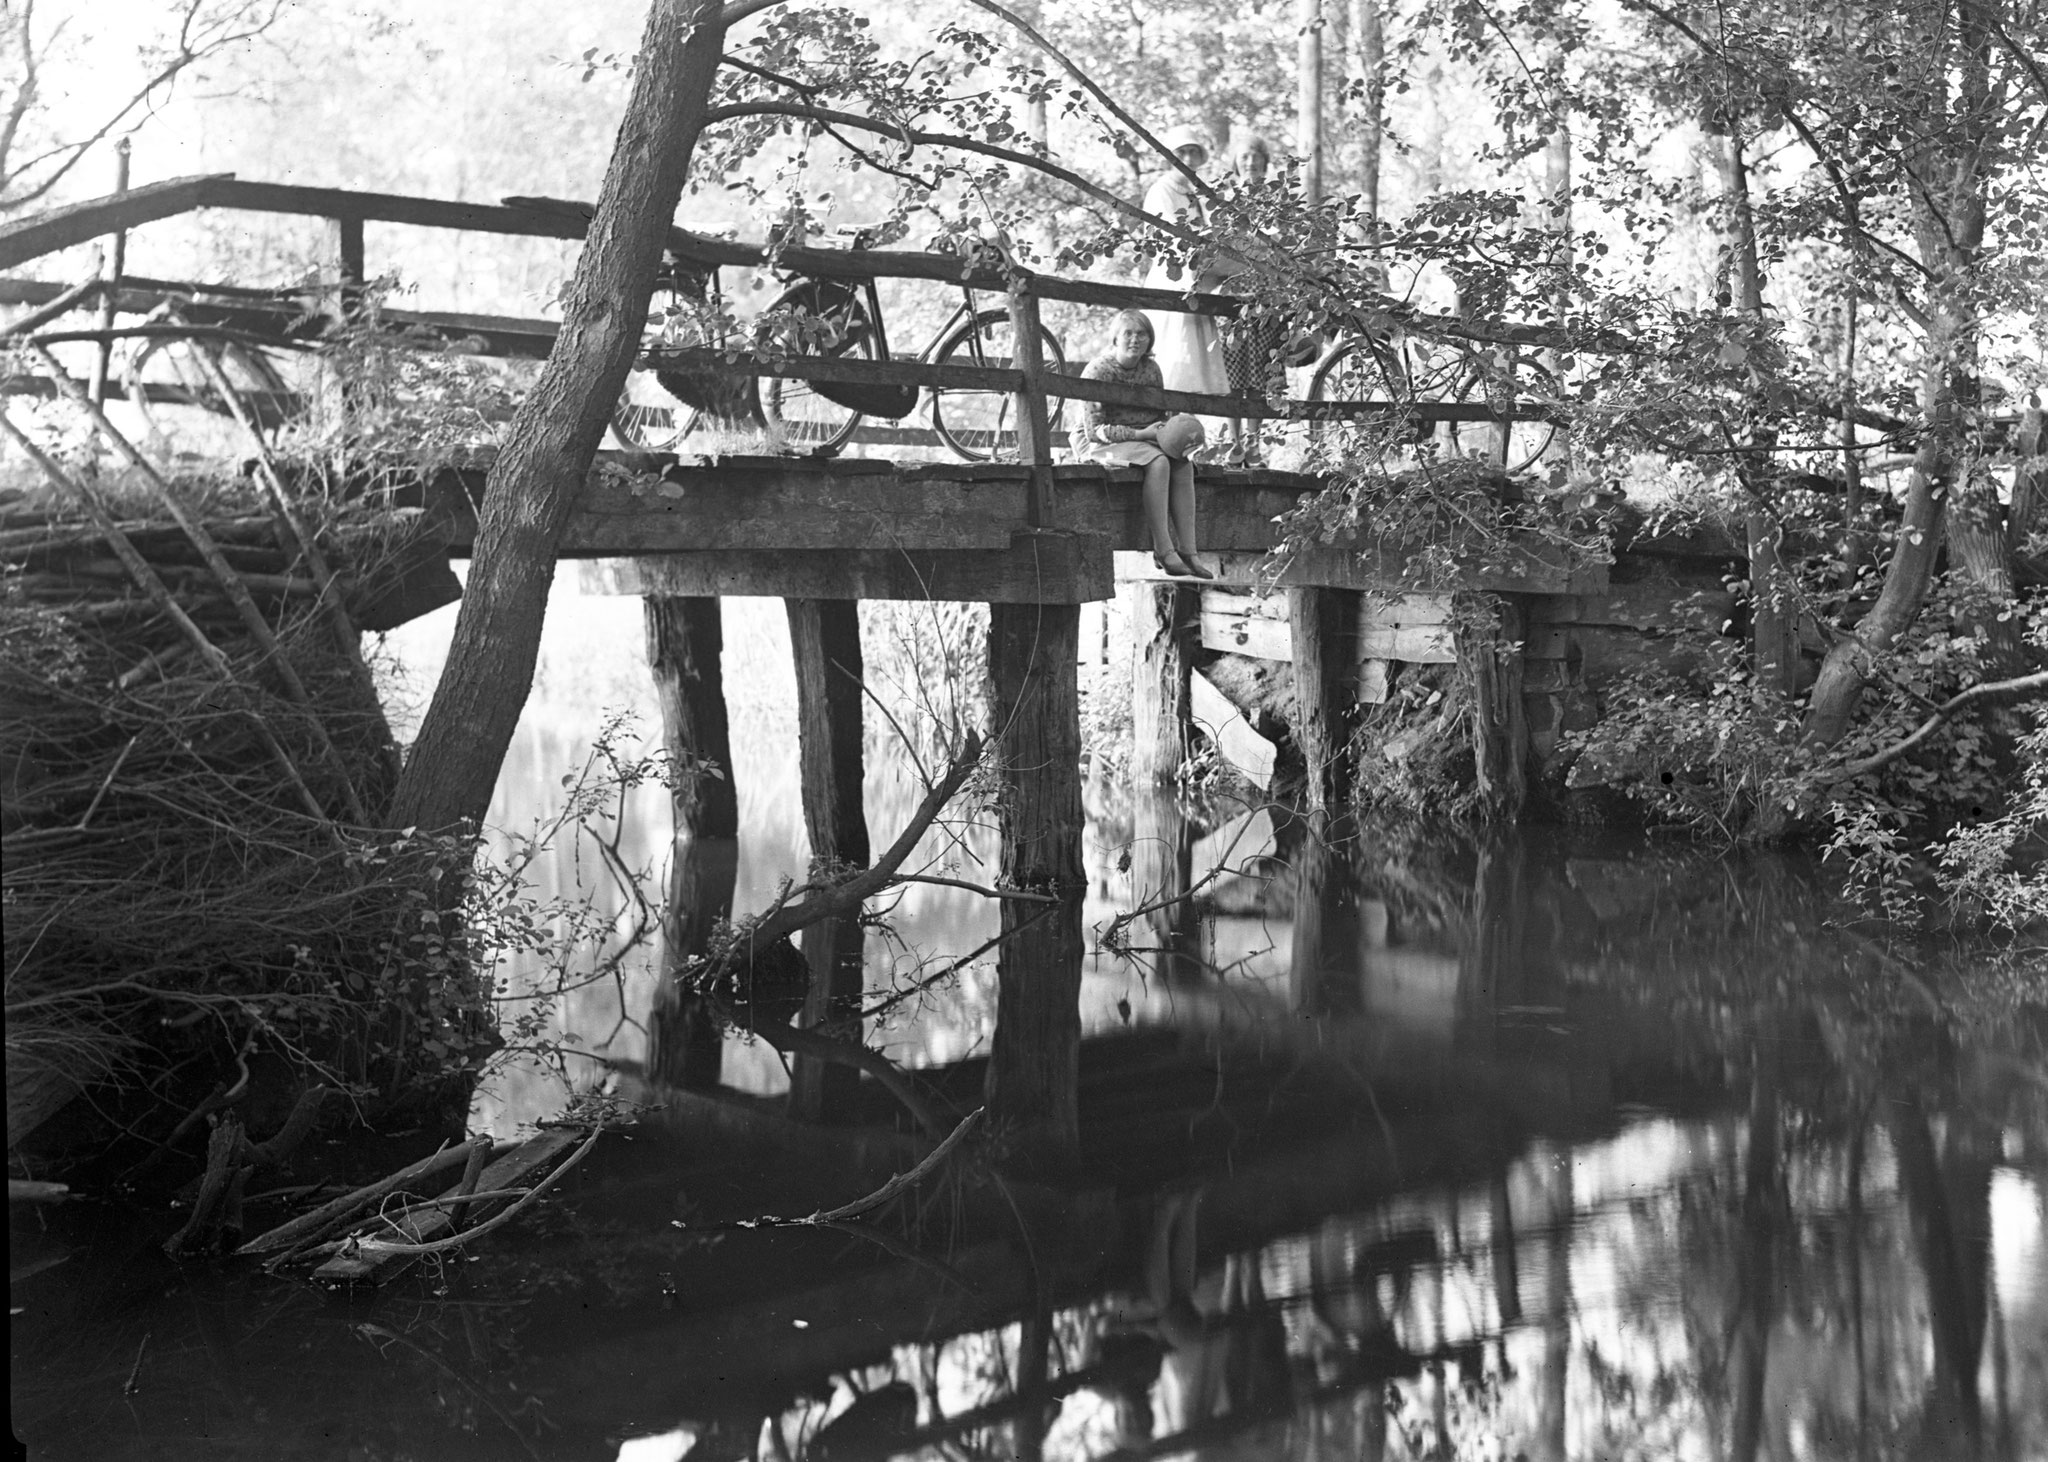 verdwenen brug over Schoonebeekerdiep bij Nieuw-Schoonebeek